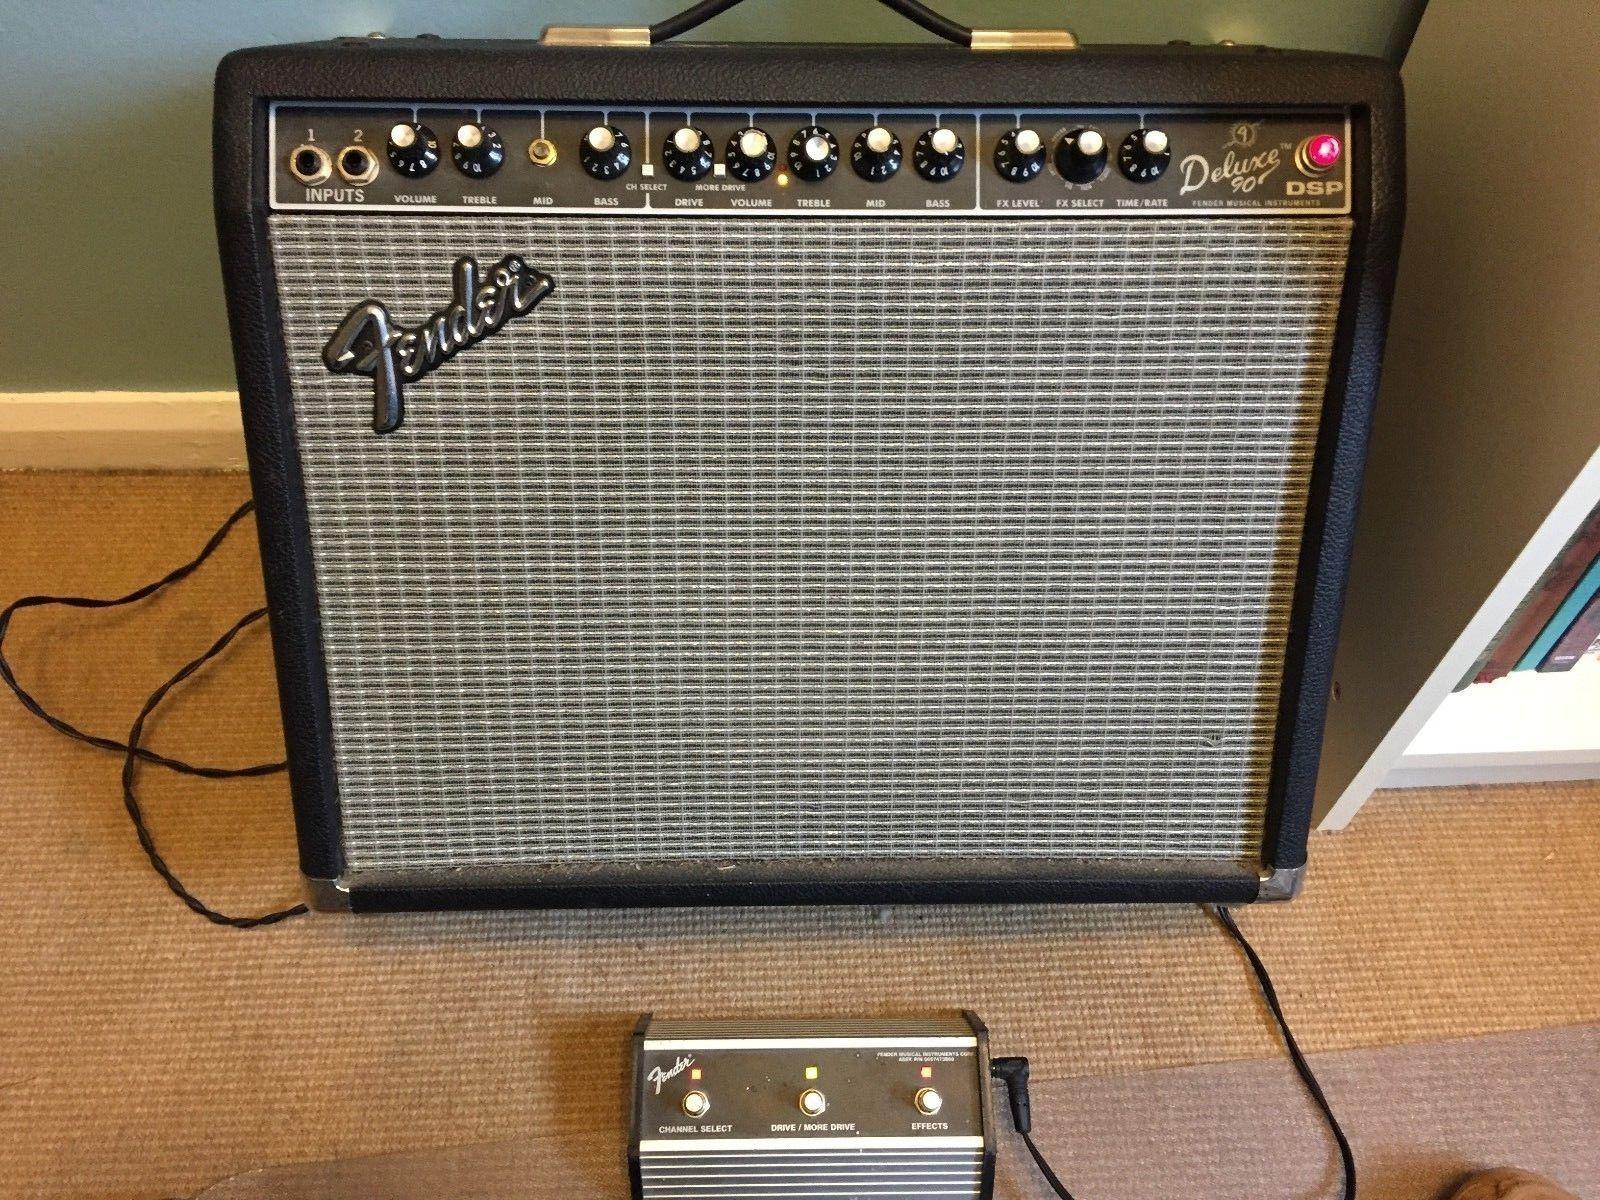 fender deluxe 90 dsp guitar amplifier pinterest fender deluxe rh pinterest com Fender Deluxe 90 DSP Guitar Amp Fender Deluxe 90 DSP Guitar Amp